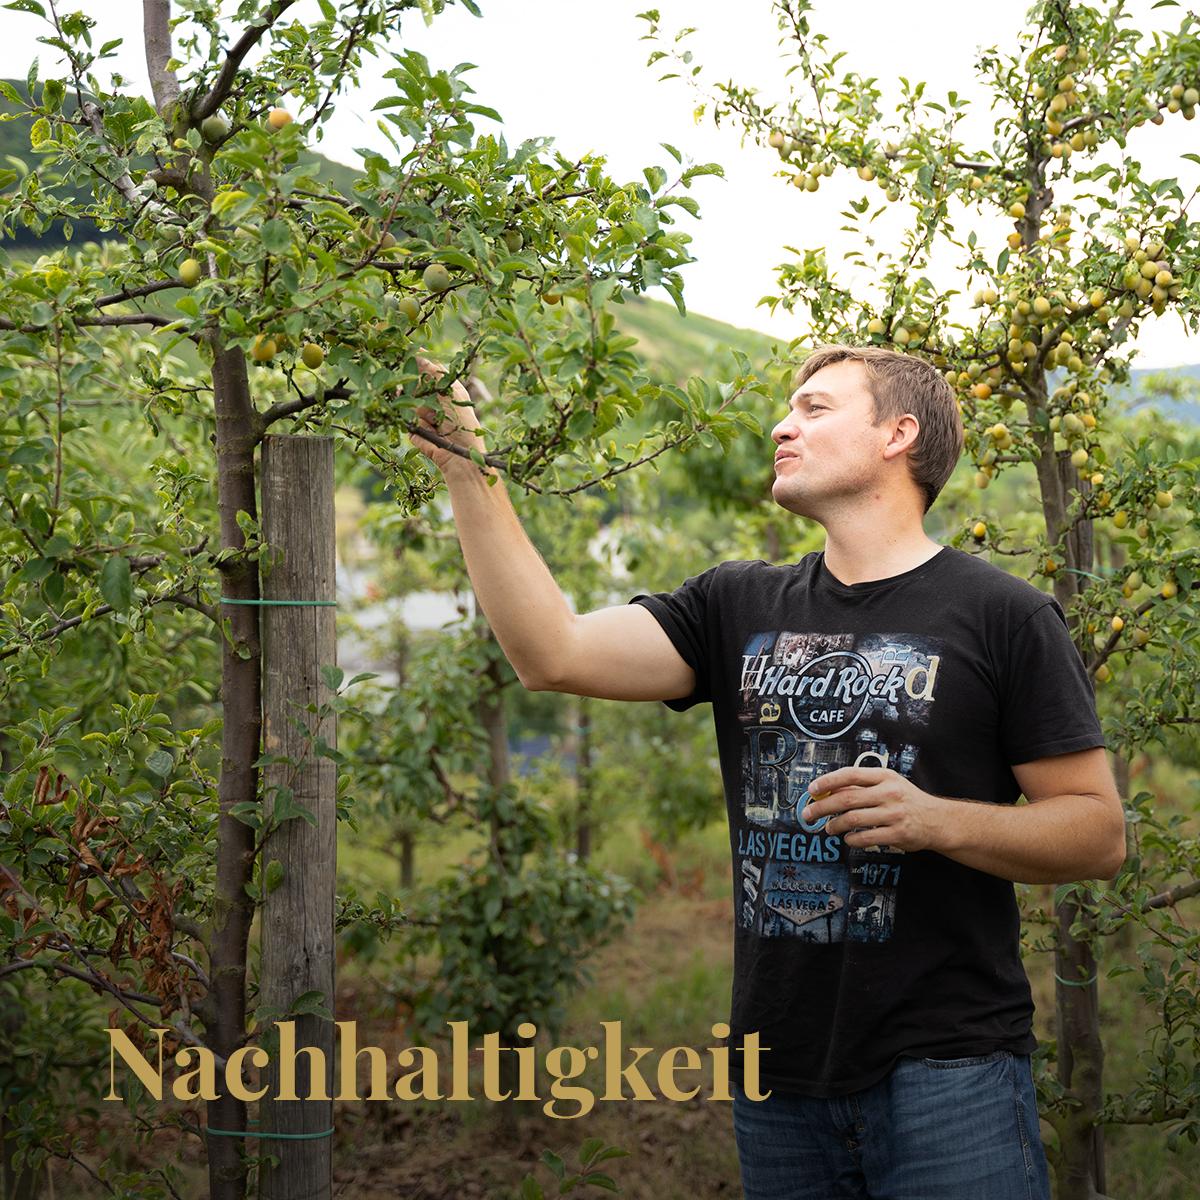 Nachhaltigkeit - Weingut Hubertushof Lieser